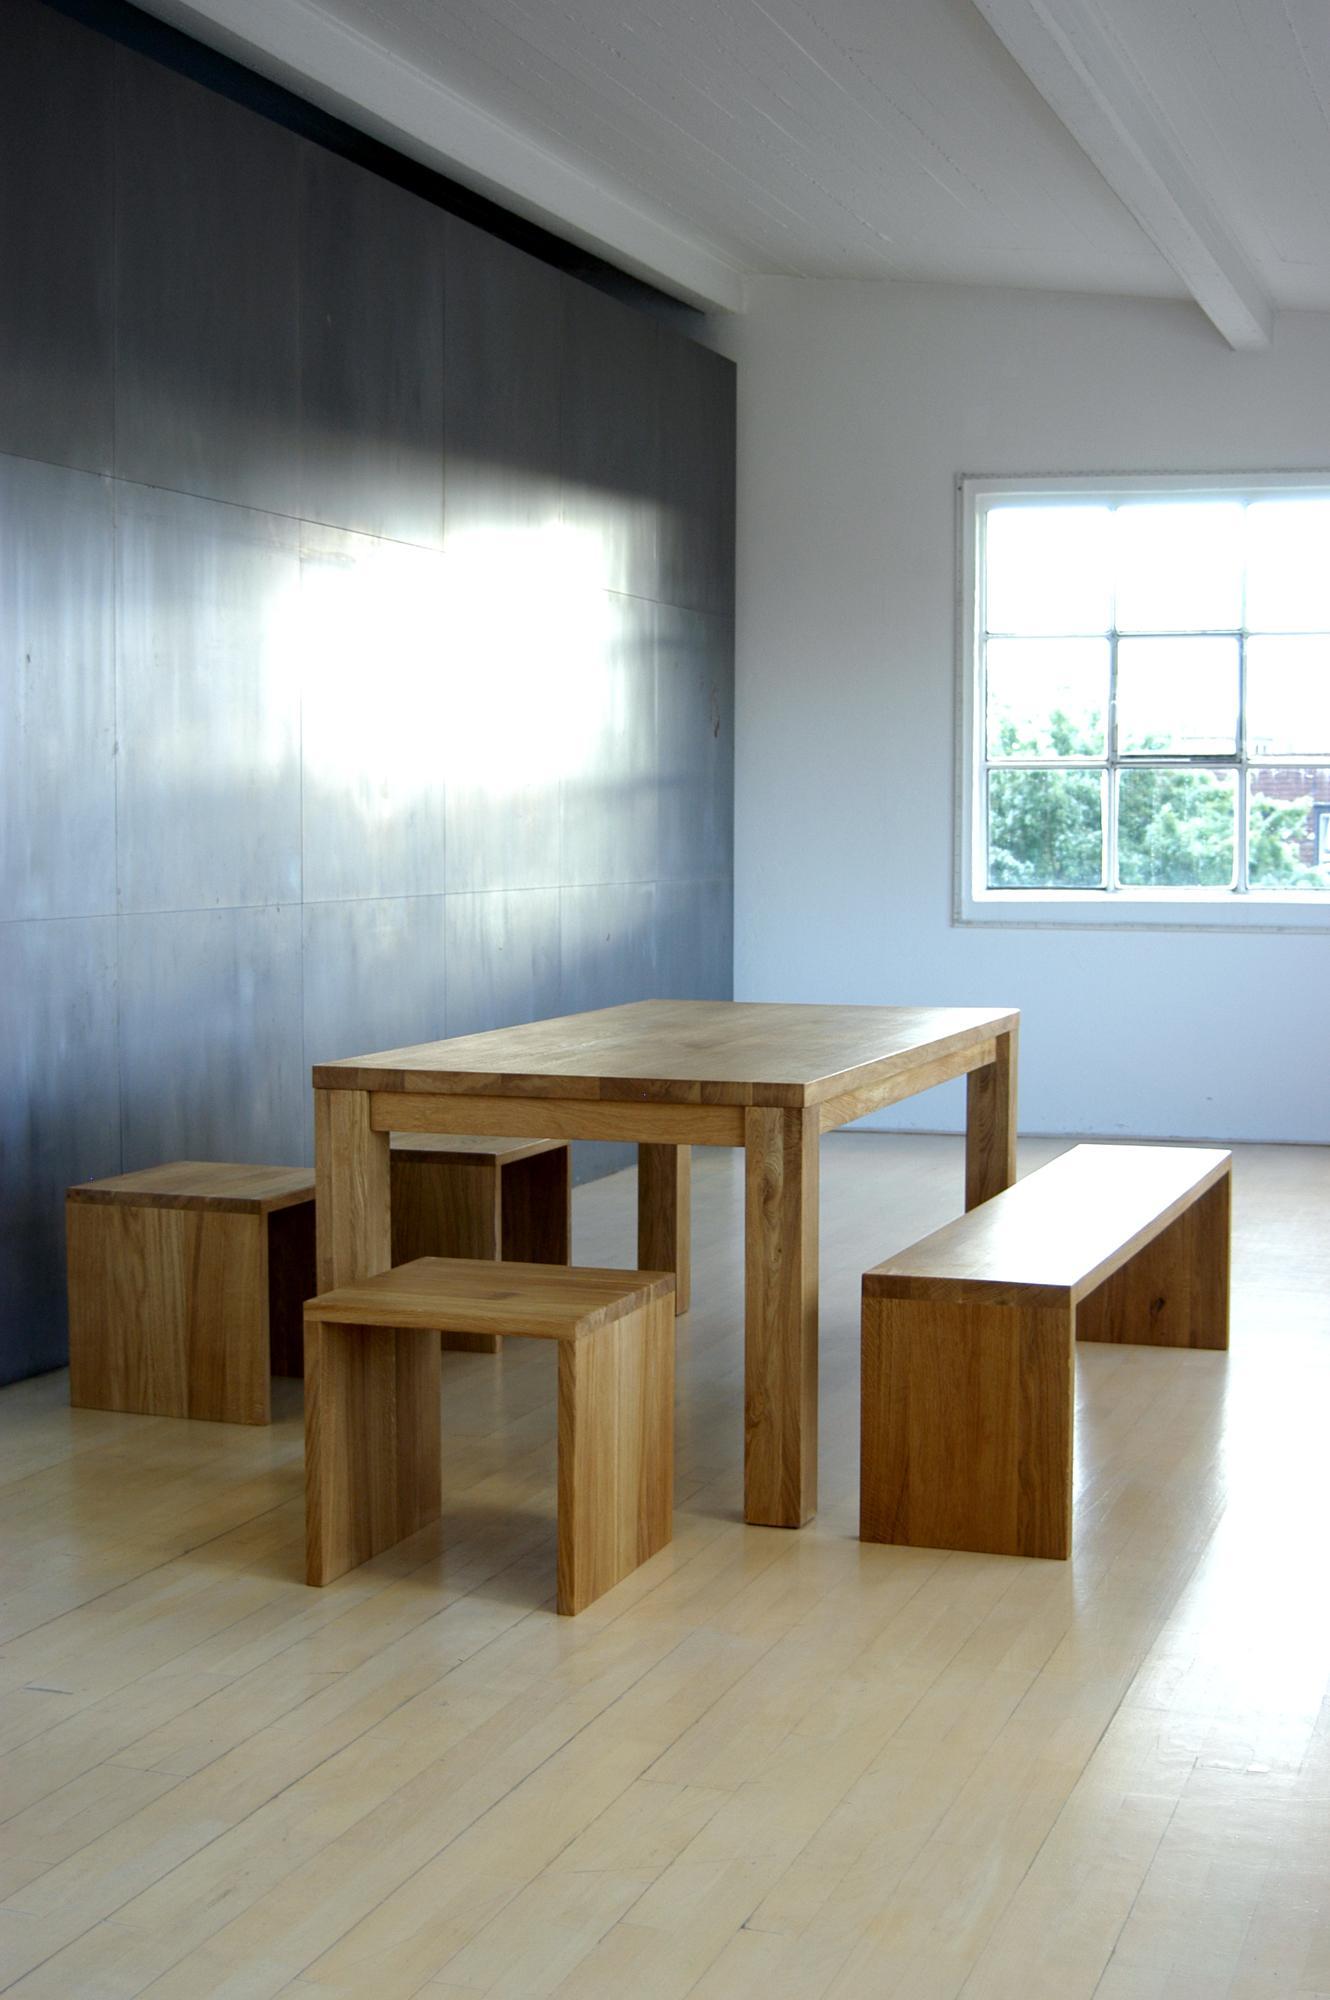 Holztisch design  Holz Tisch. Stunning Alter Holztisch Merken With Holz Tisch ...